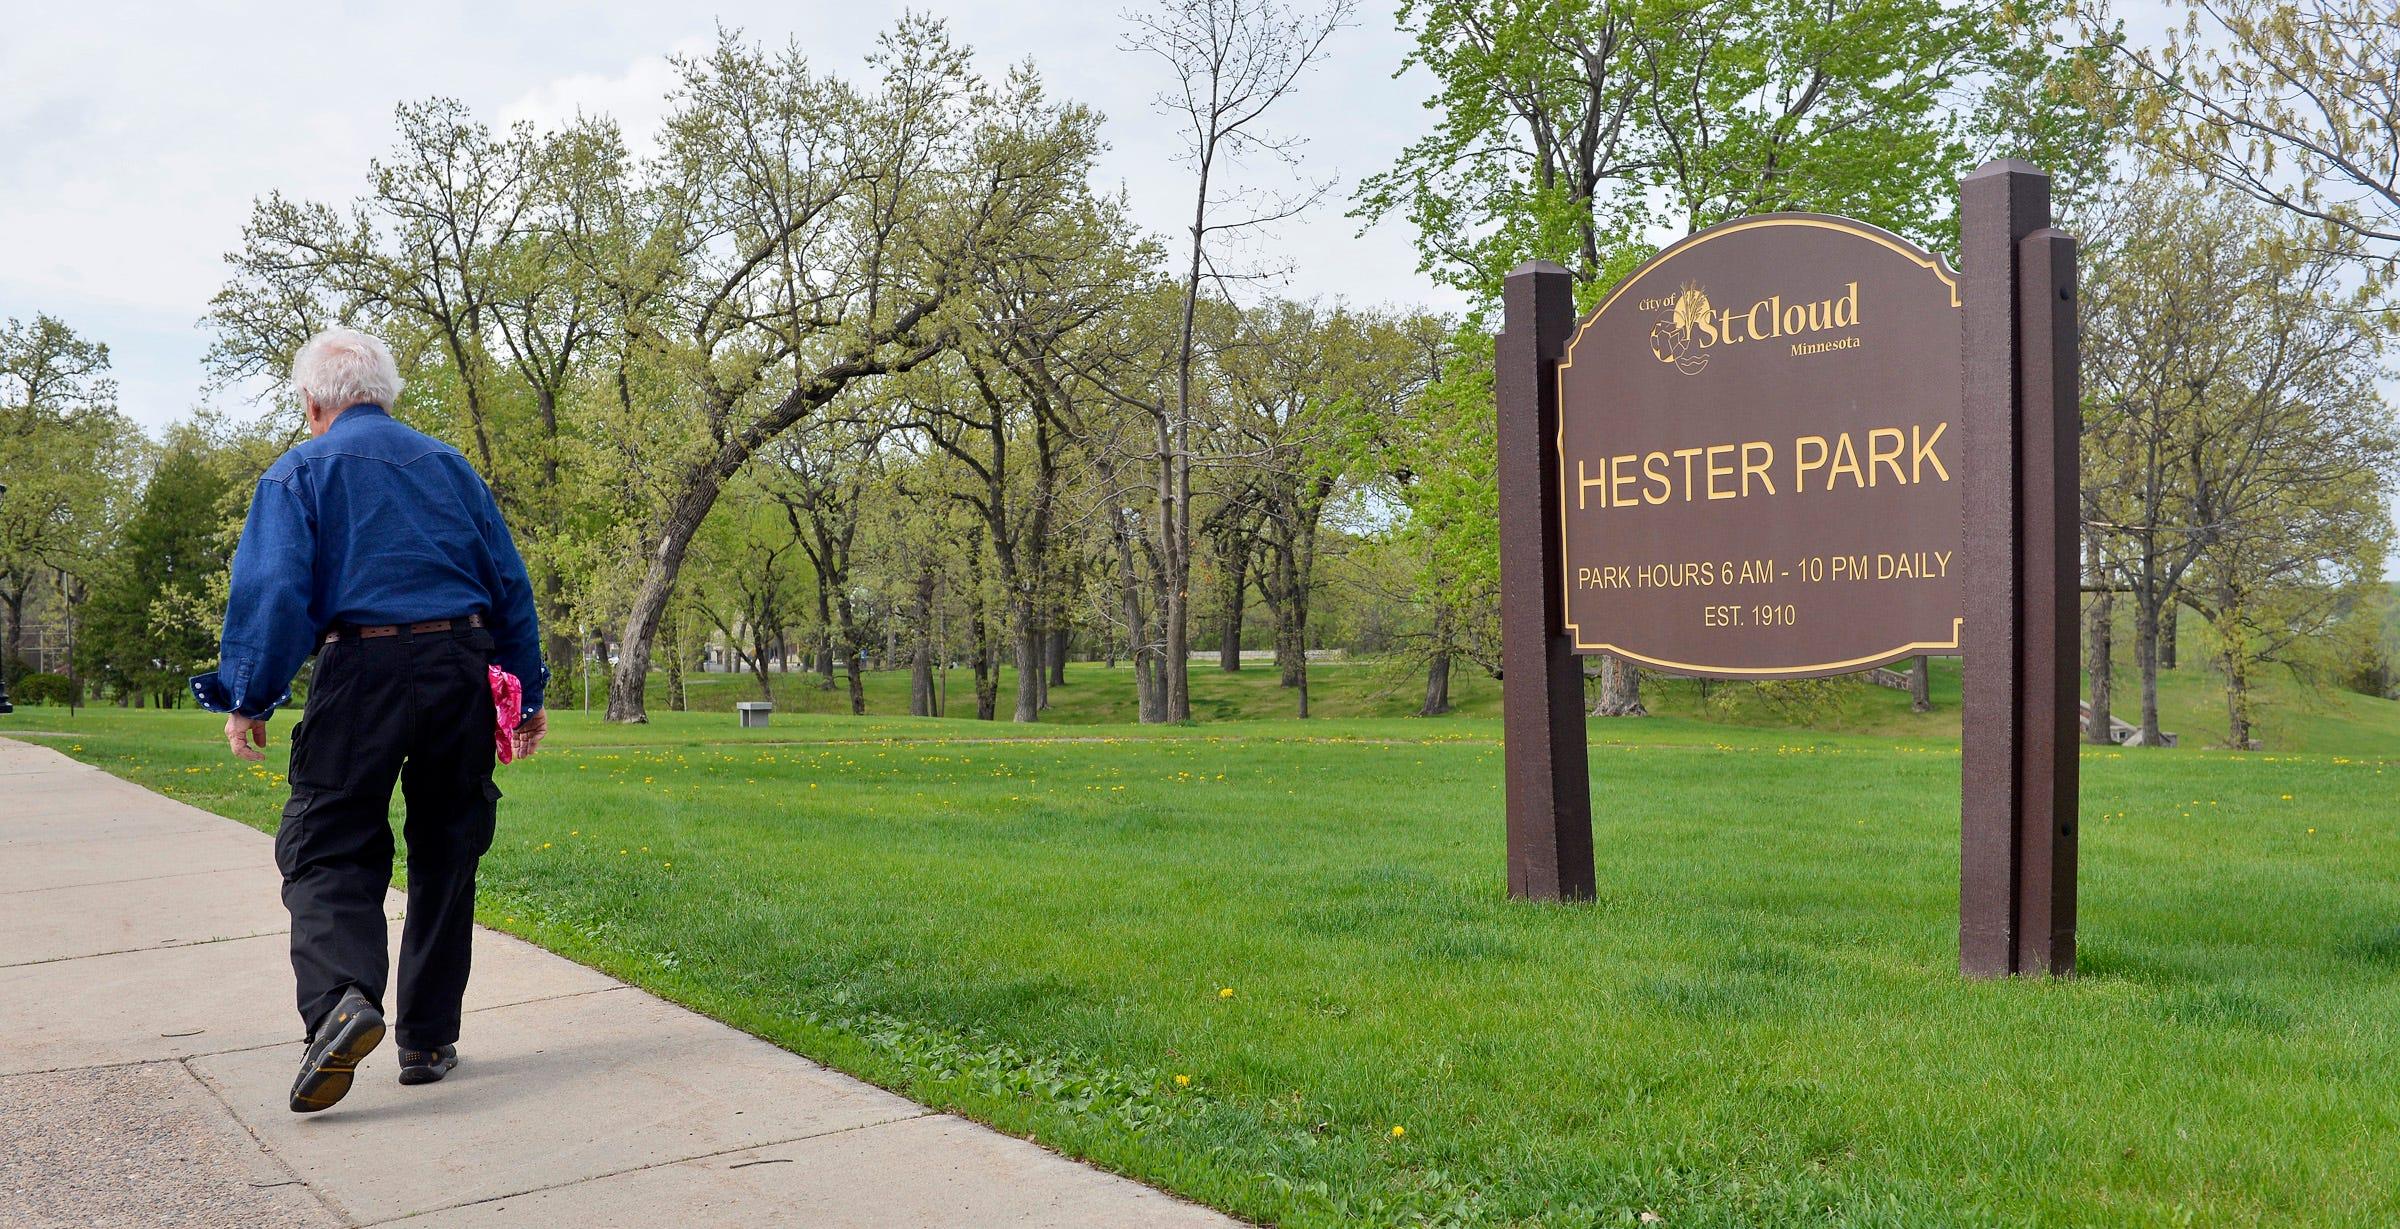 Hester park